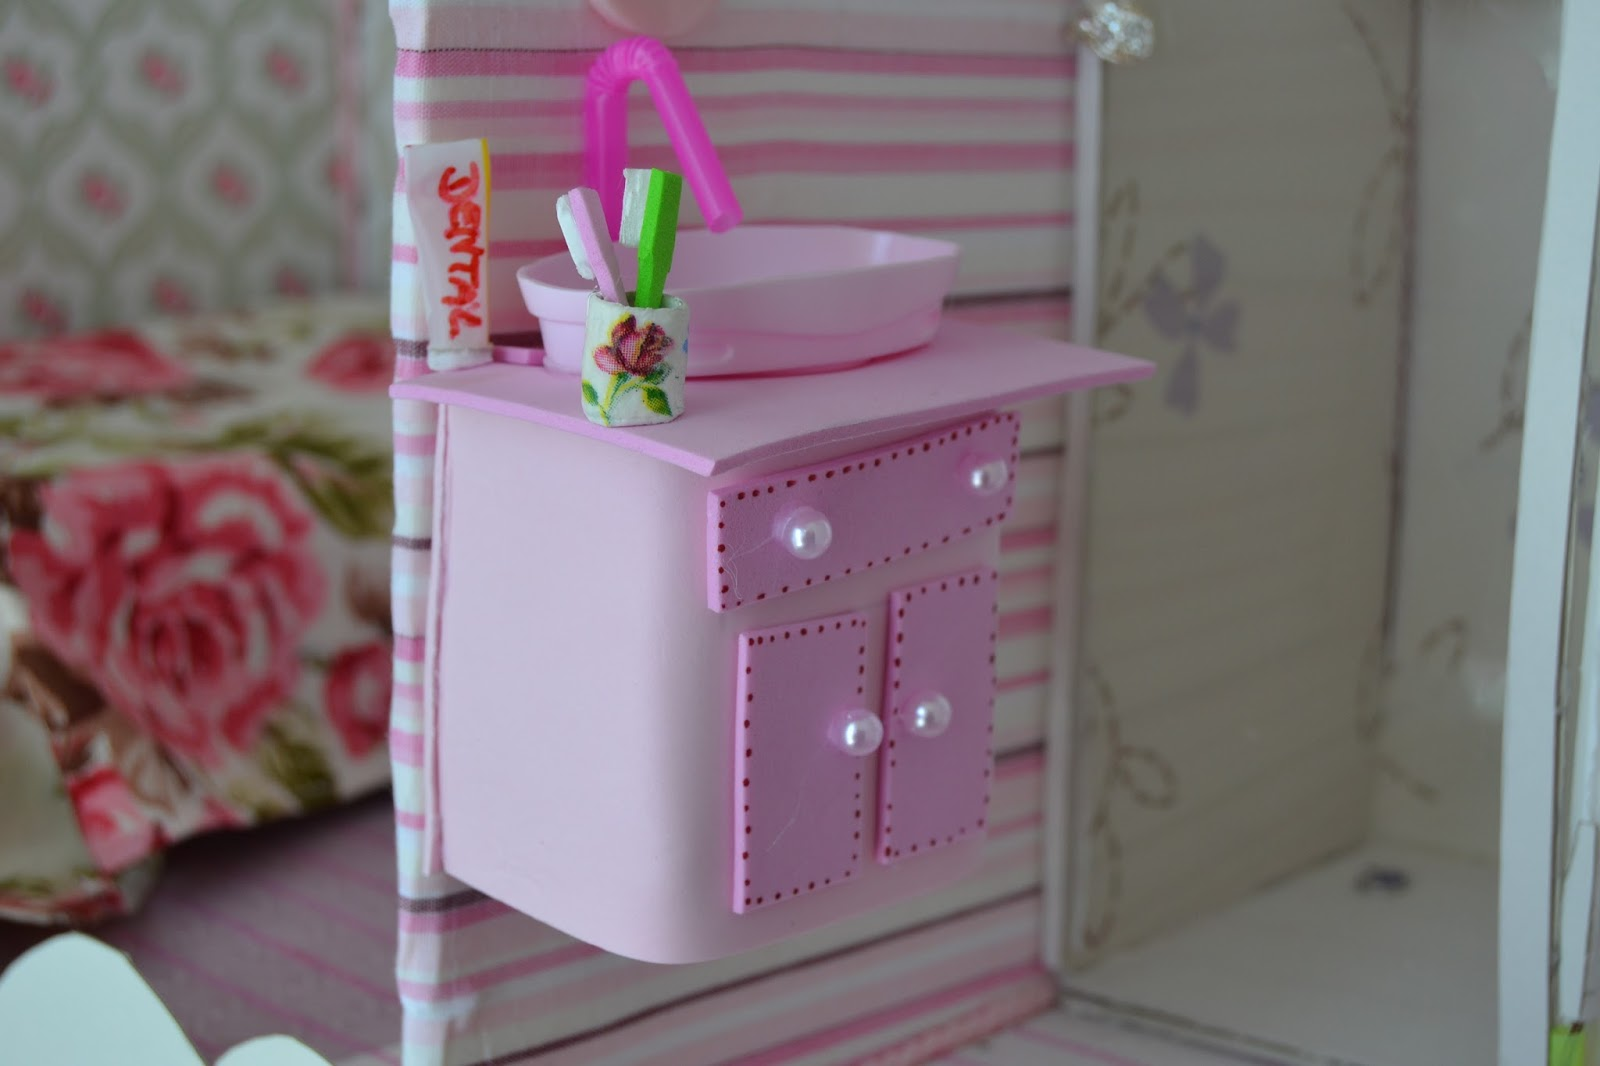 Como fazer um lavatorio pia para o banheiro da Barbie #9D2E84 1600x1066 Banheiro Da Barbie Para Comprar